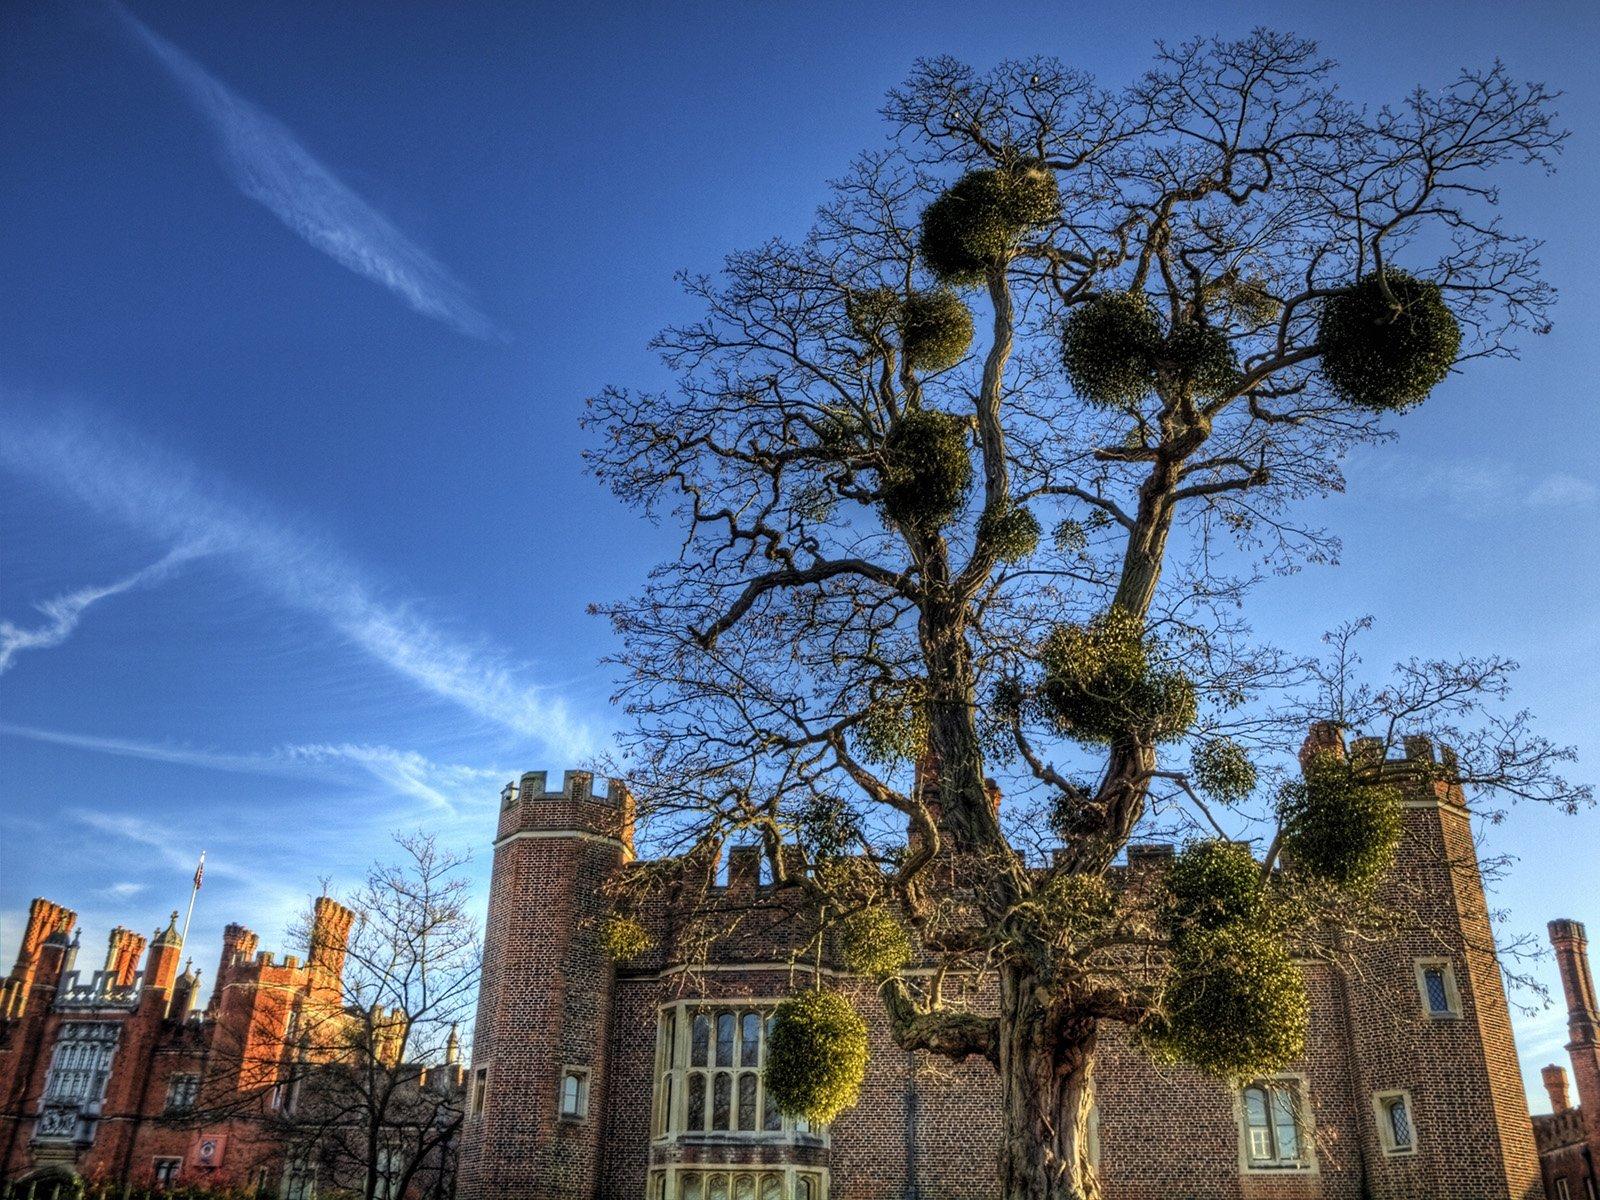 hampton mahkeme sarayı ve ağaç